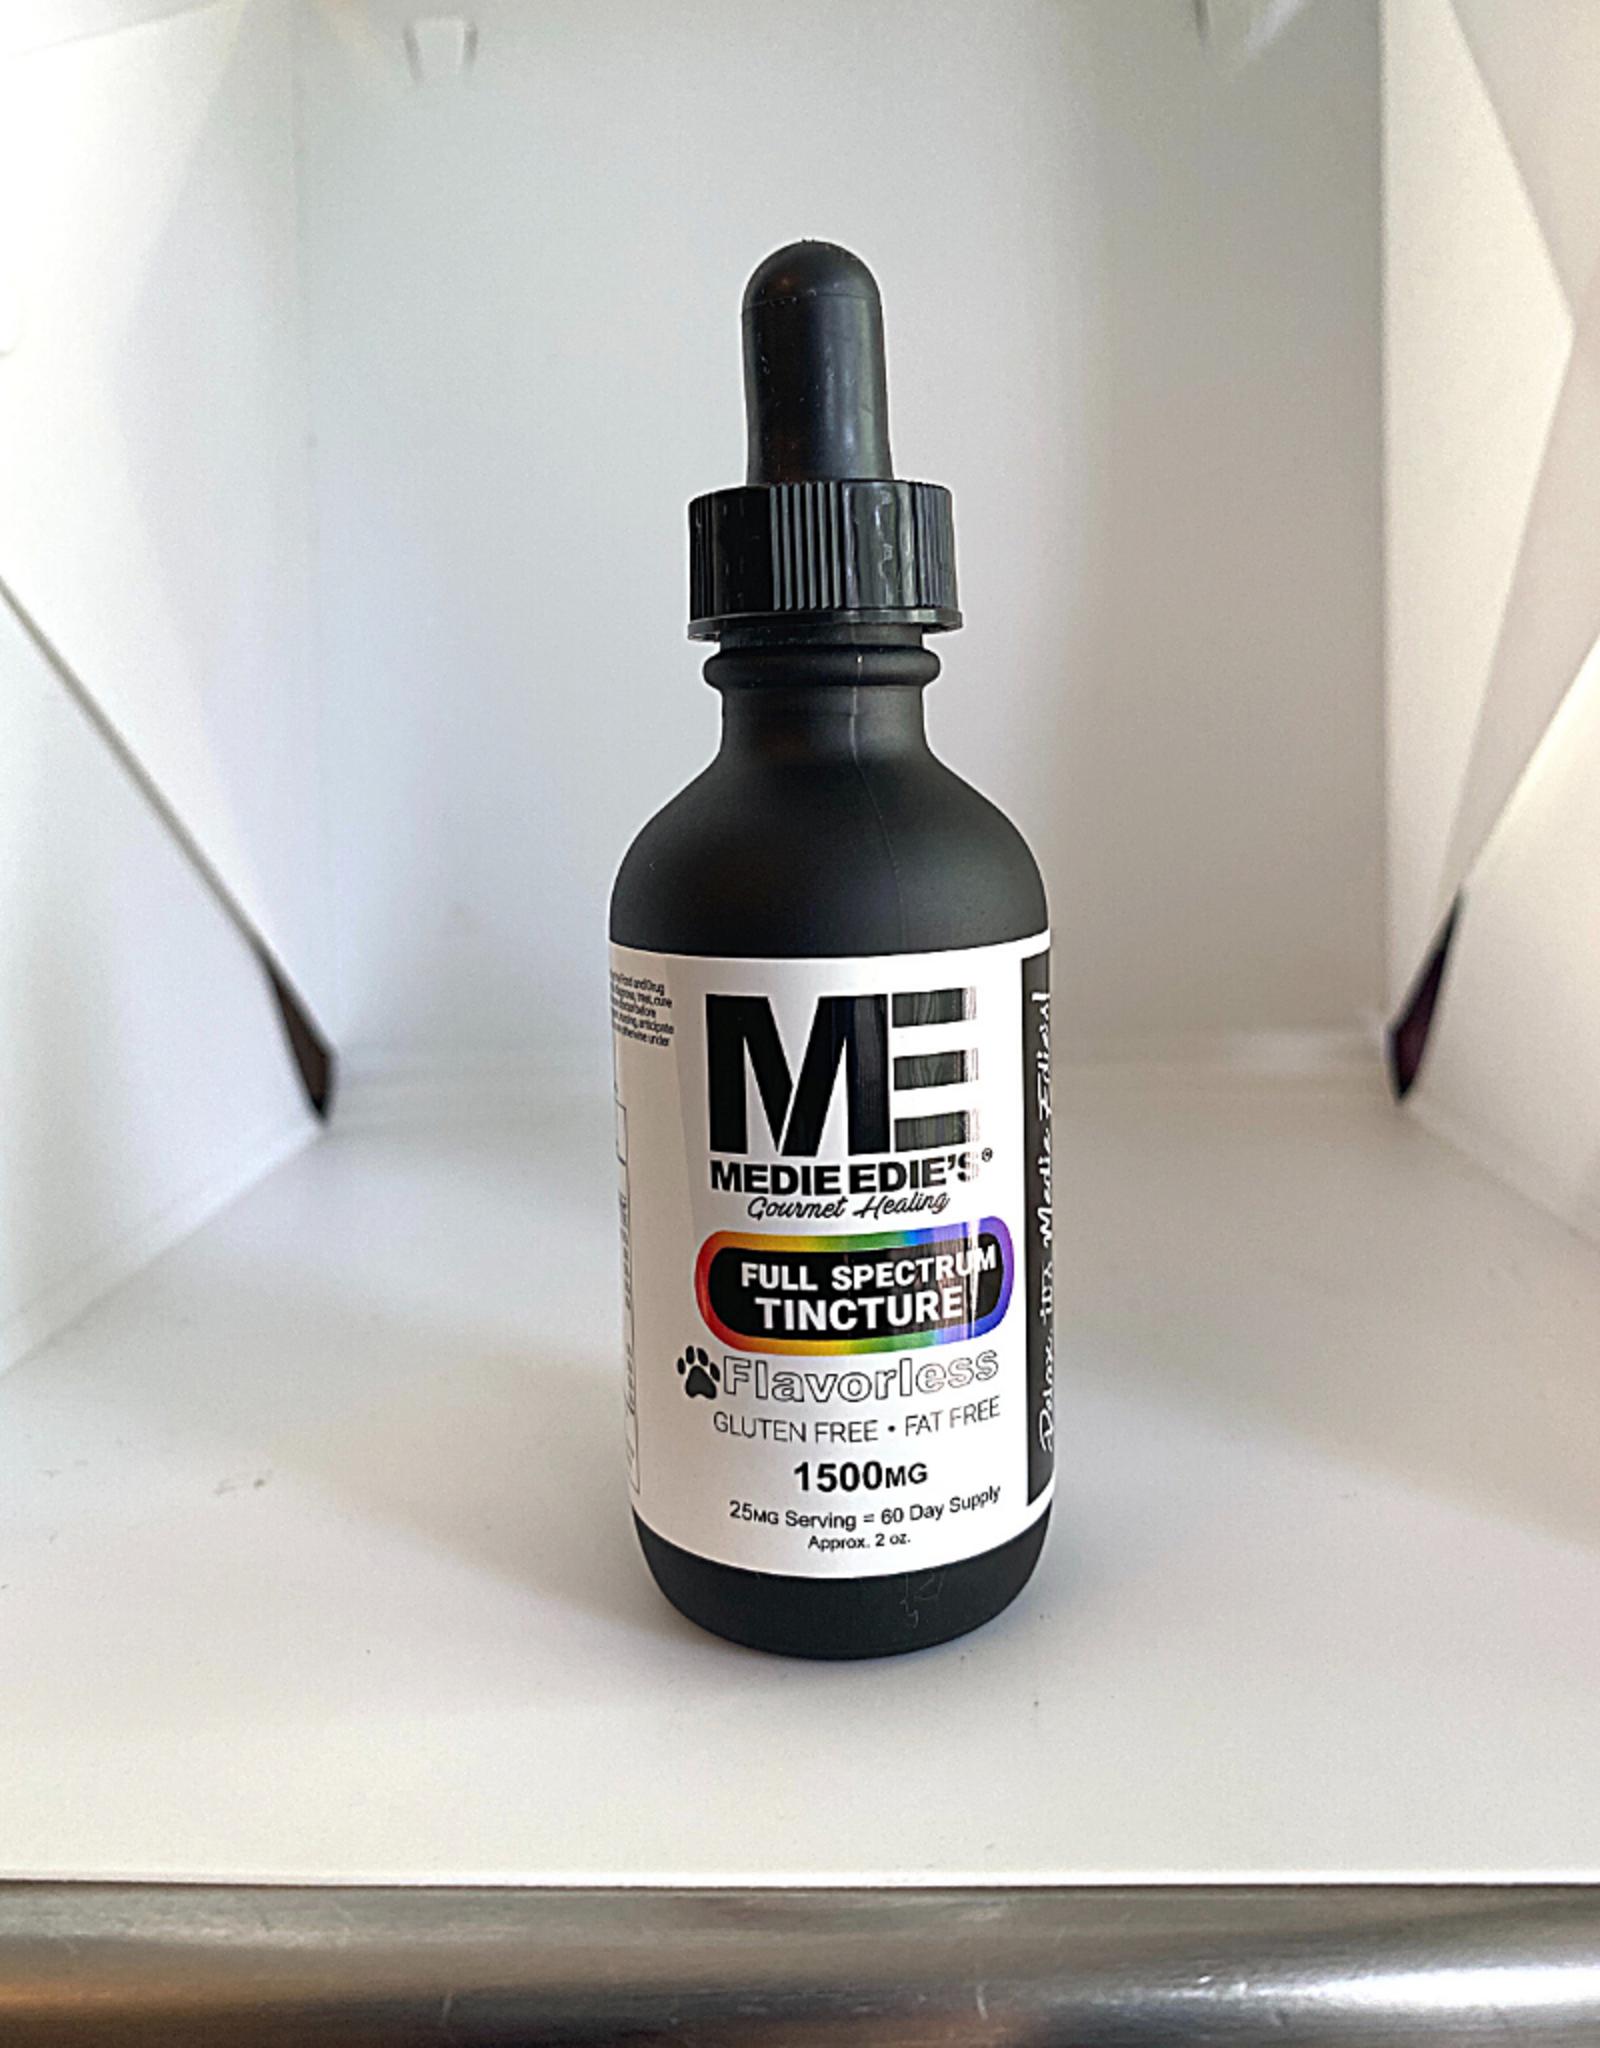 Medie Edie's Medie Edie's 60ml Full Spectrum Pet Tincture Flavorless  - 25mg.1500mg